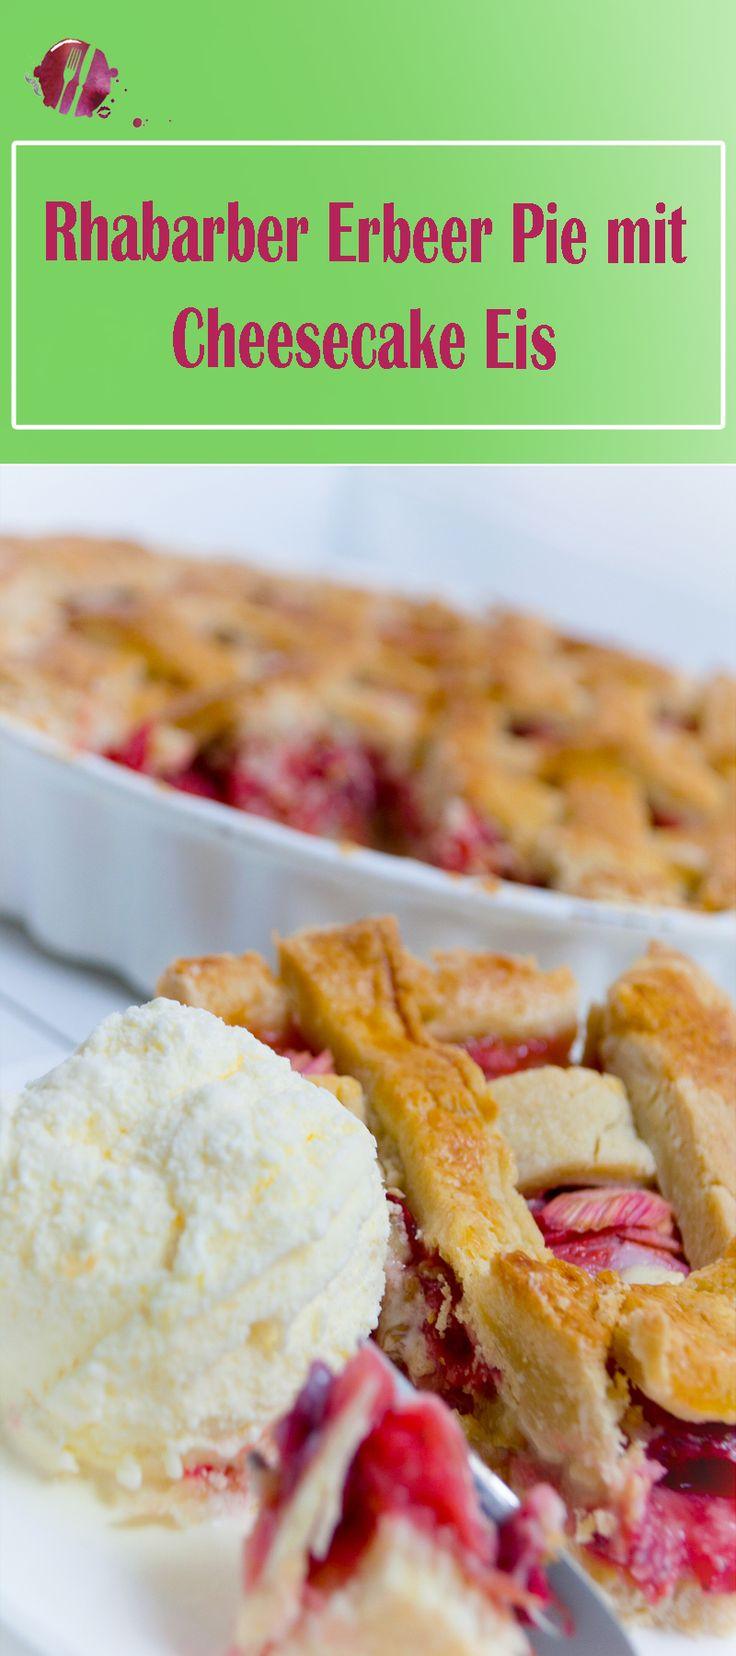 Bald beginnt die Rhabarber und die Erdbeer Saison. Mit deisem Rezept für die Erdbeer Rhabarber Pie habt ihr eine tolle Möglichkeit, diese auf eine andere Art zu kombinieren. Das Cheese Cake Eis rundet den Geschmack ab.  Das Rezept ist aus einer Blogger-Zusammenarbeit aus der Schweiz entstanden. Unter dem #foodfrühling2017 könnt ihr noch viele tolle Rezepte entdecken. Bunte Grüsse aus dem foodwerk.ch Caro & Tobi . . . . Rhabarber, Erdbeeren, Pie, backen, Frühling, Rezept